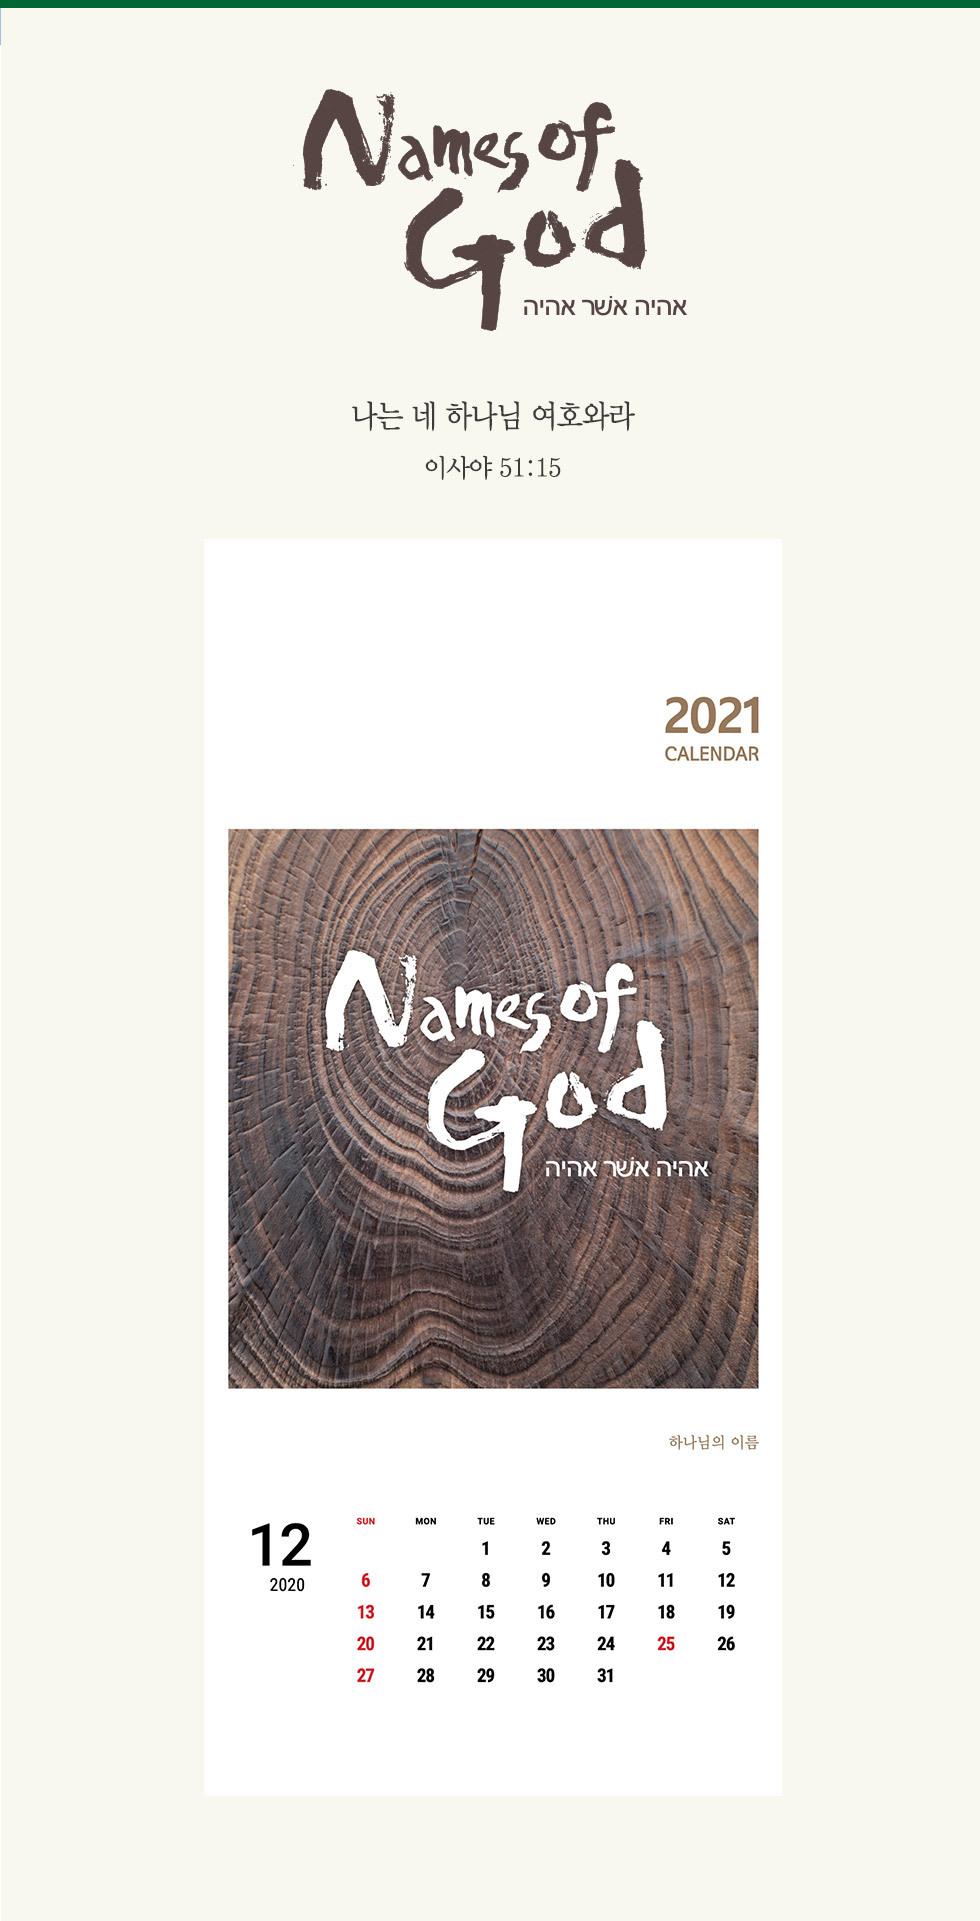 2021년 벽걸이달력 하나님의 이름 Names of God -  나는 네 하나님 여호와라 이사야 51:15